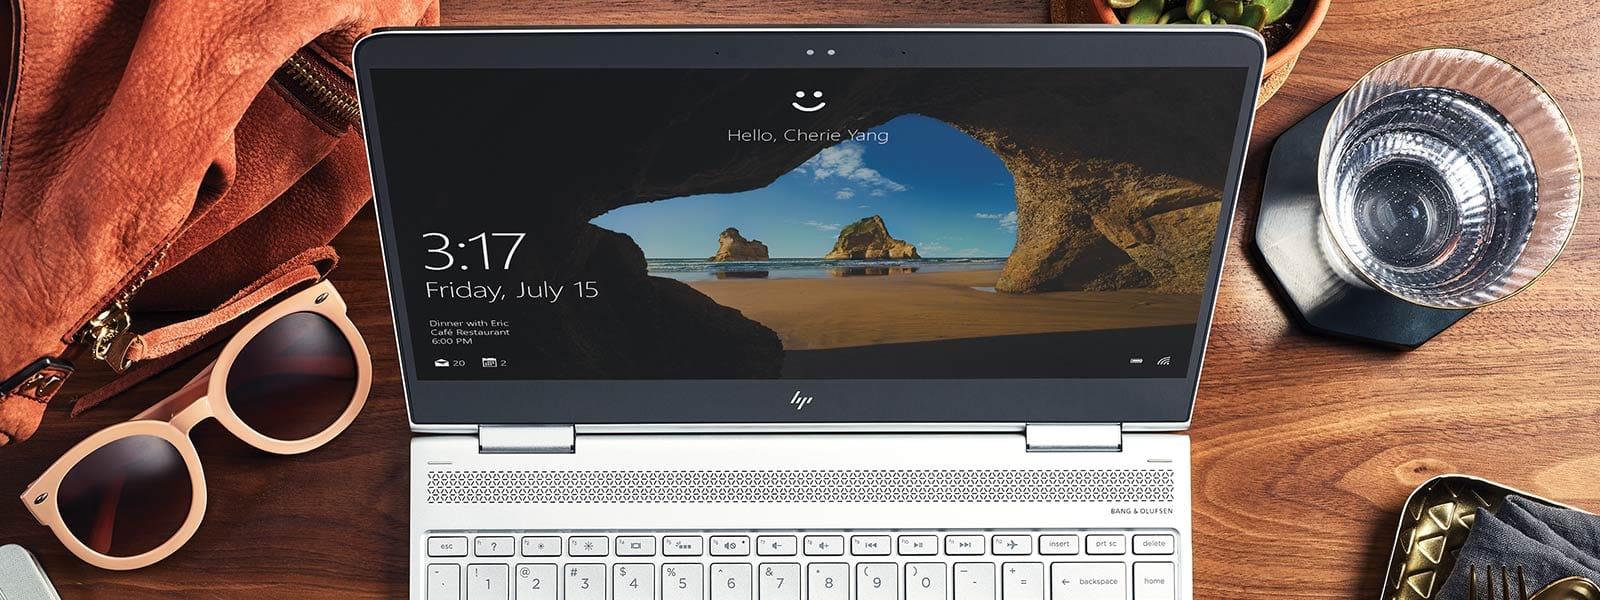 Écran de démarrage Windows10 sur un appareil moderne.